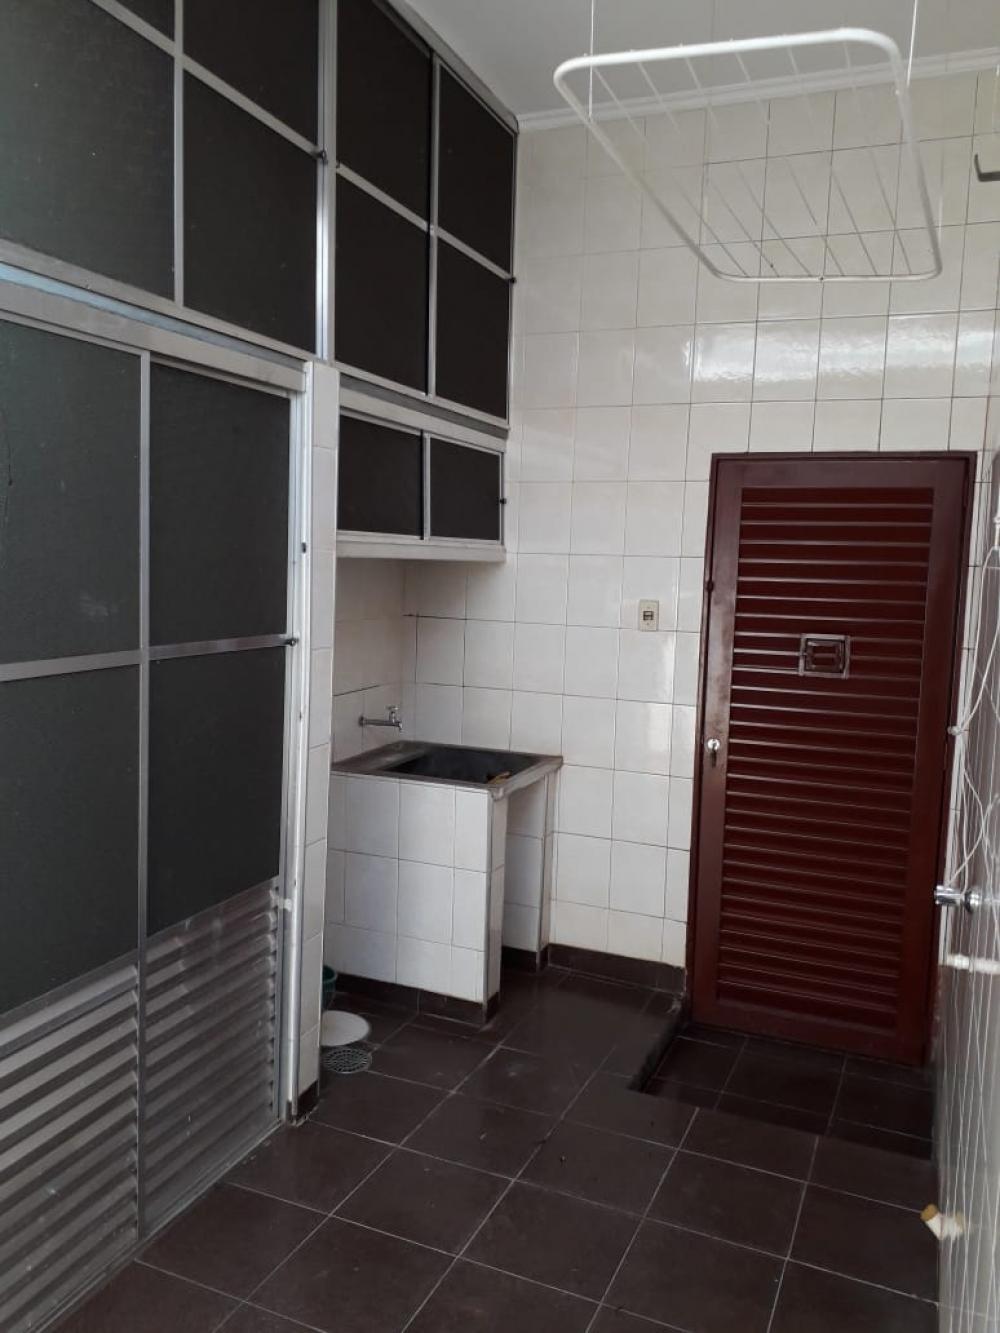 Comprar Casa / Padrão em Ribeirão Preto R$ 425.000,00 - Foto 7